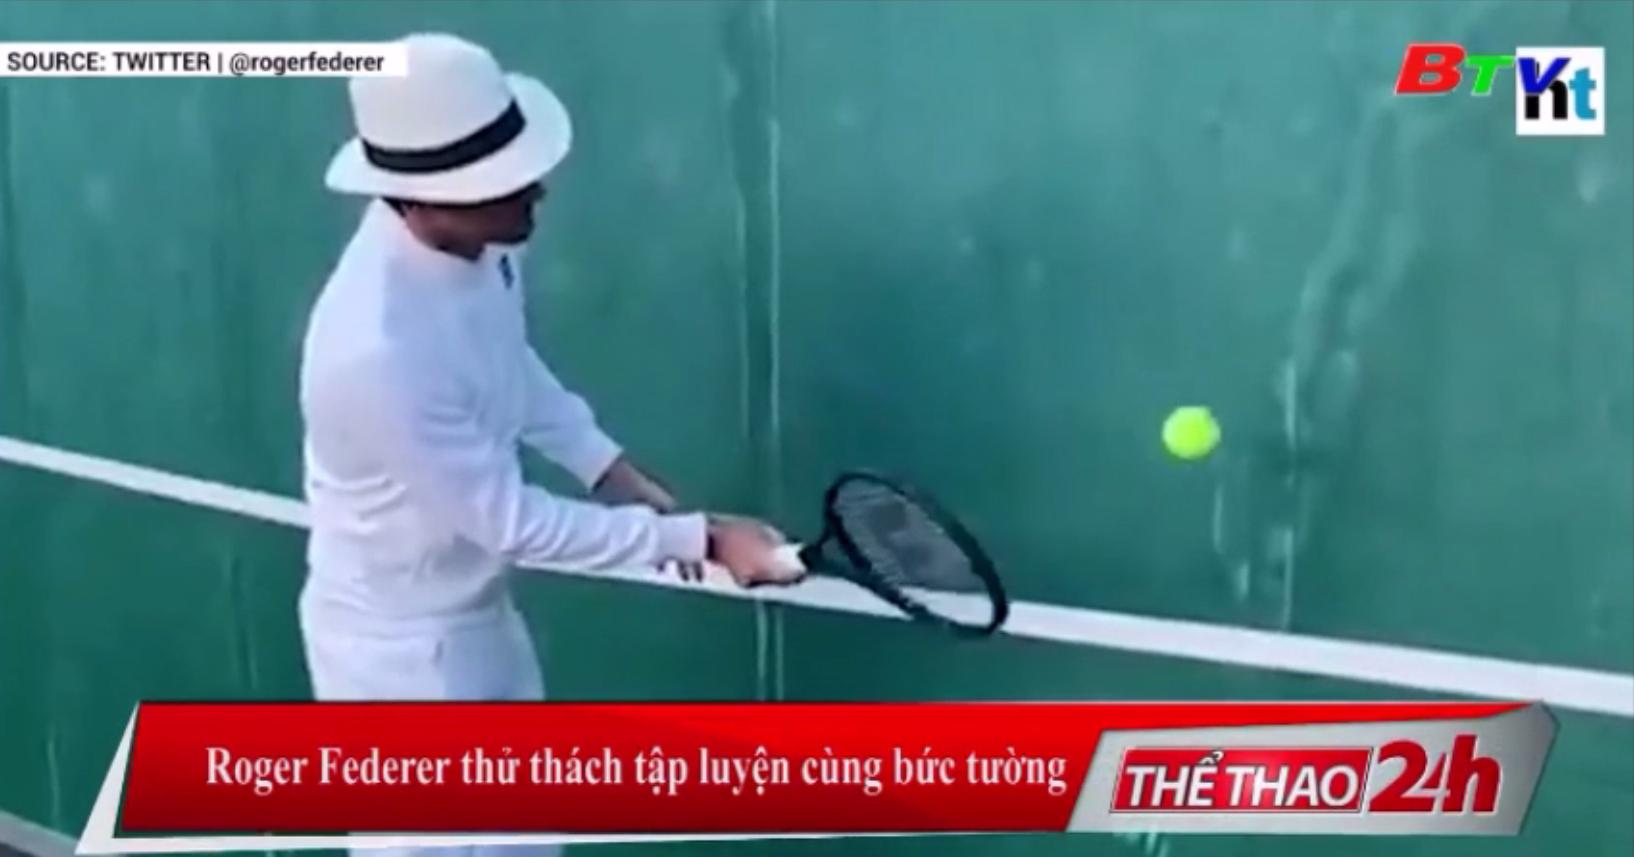 Roger Federer thử thách tập luyện cùng bức tường